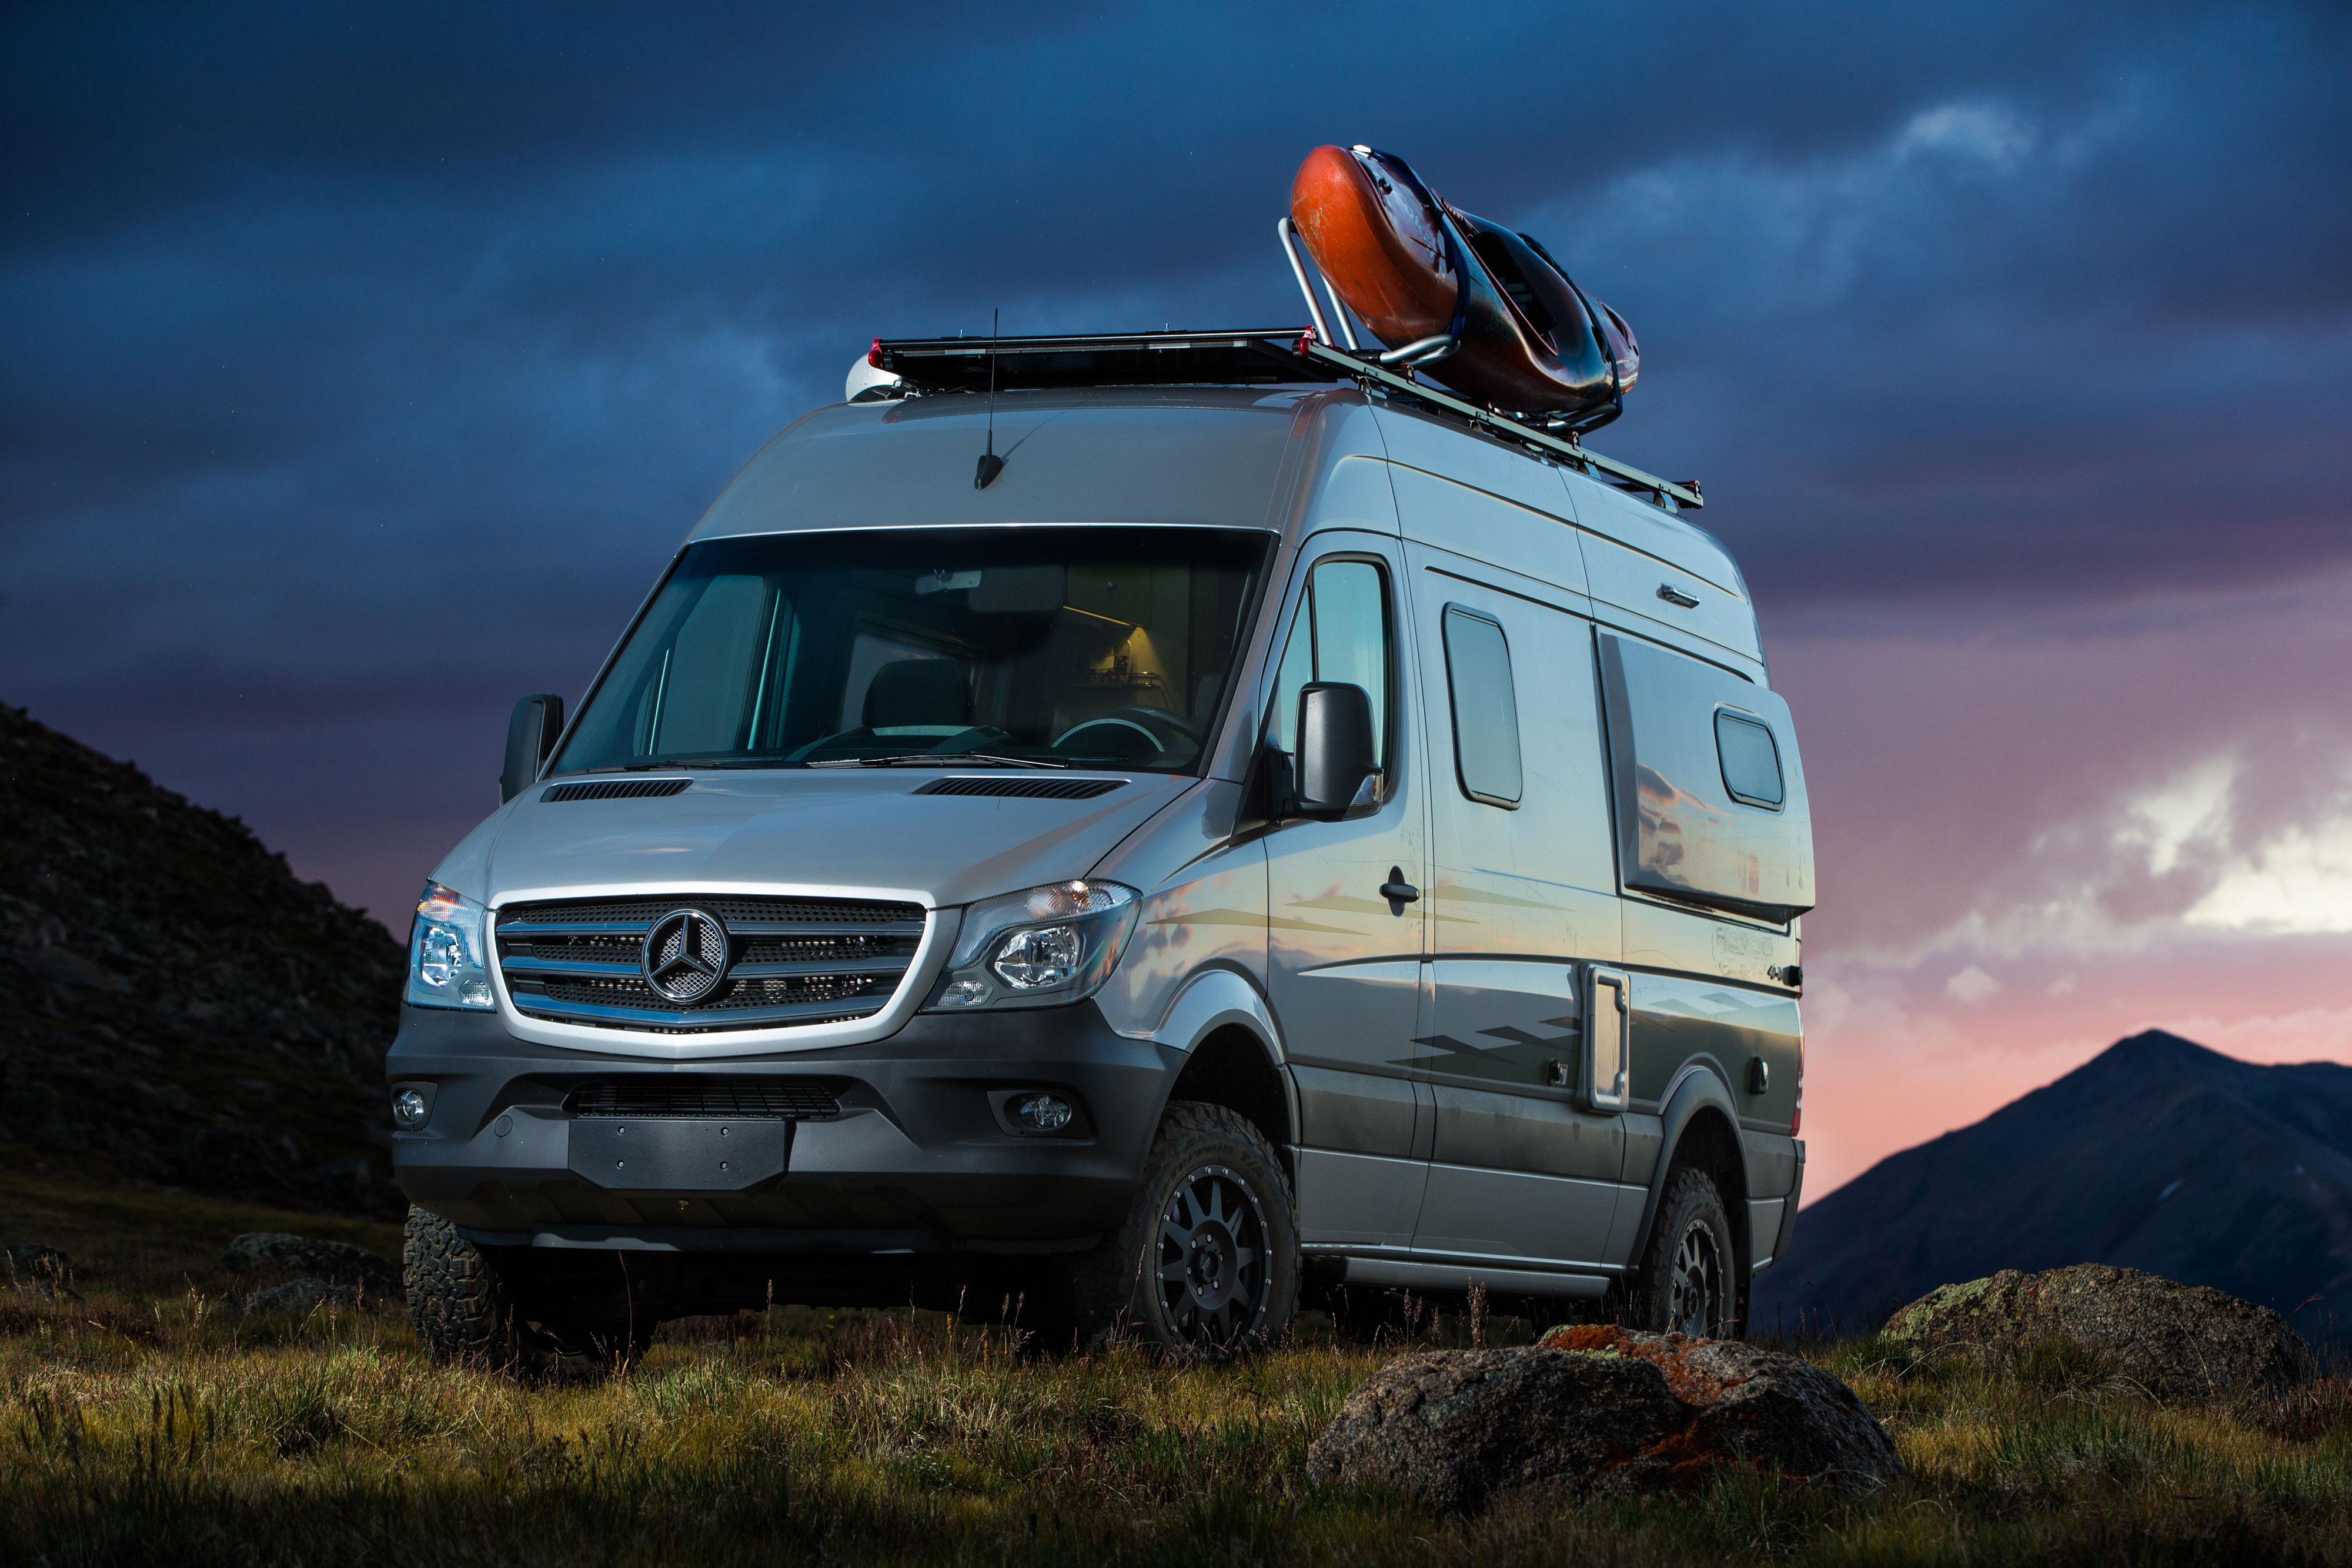 Winnebago's new Revel camper van is not your grandfather's RV